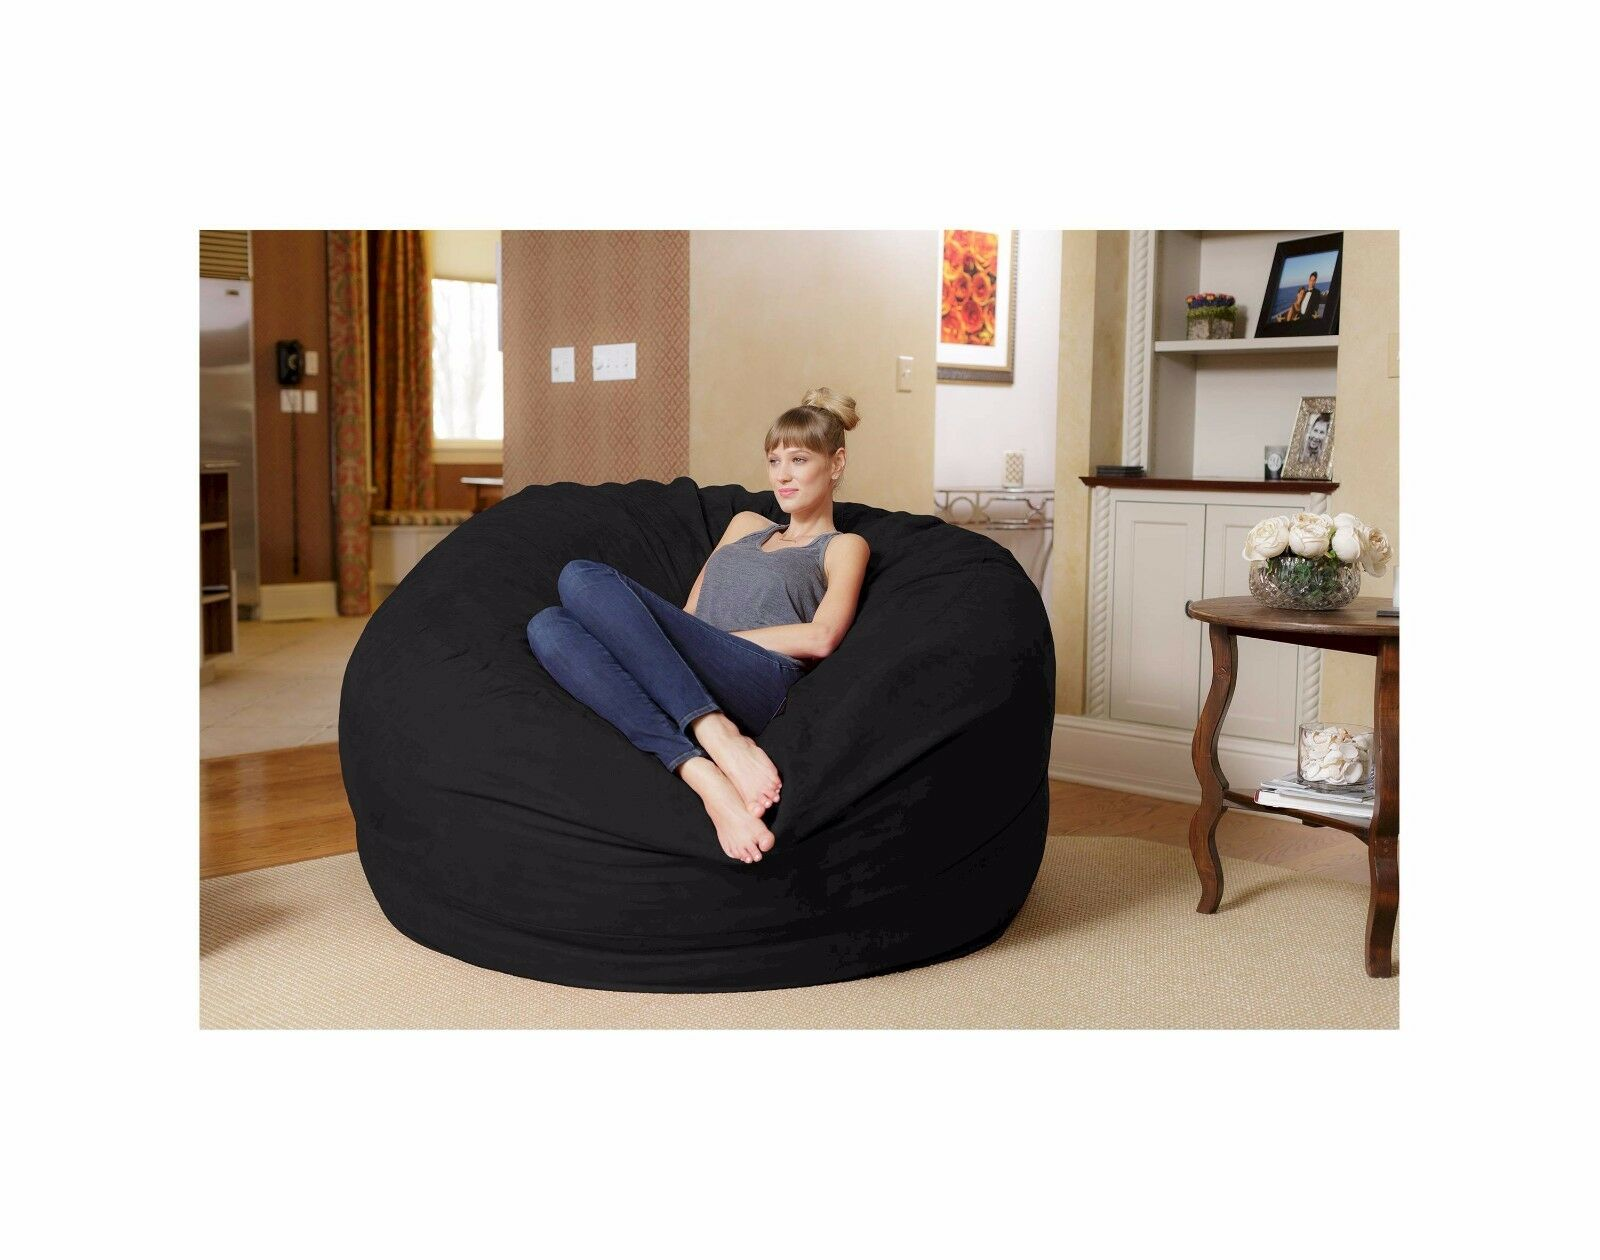 BRAND NEW Black Relax Sack 6 ft Huge Memory Foam Bean Bag Sl